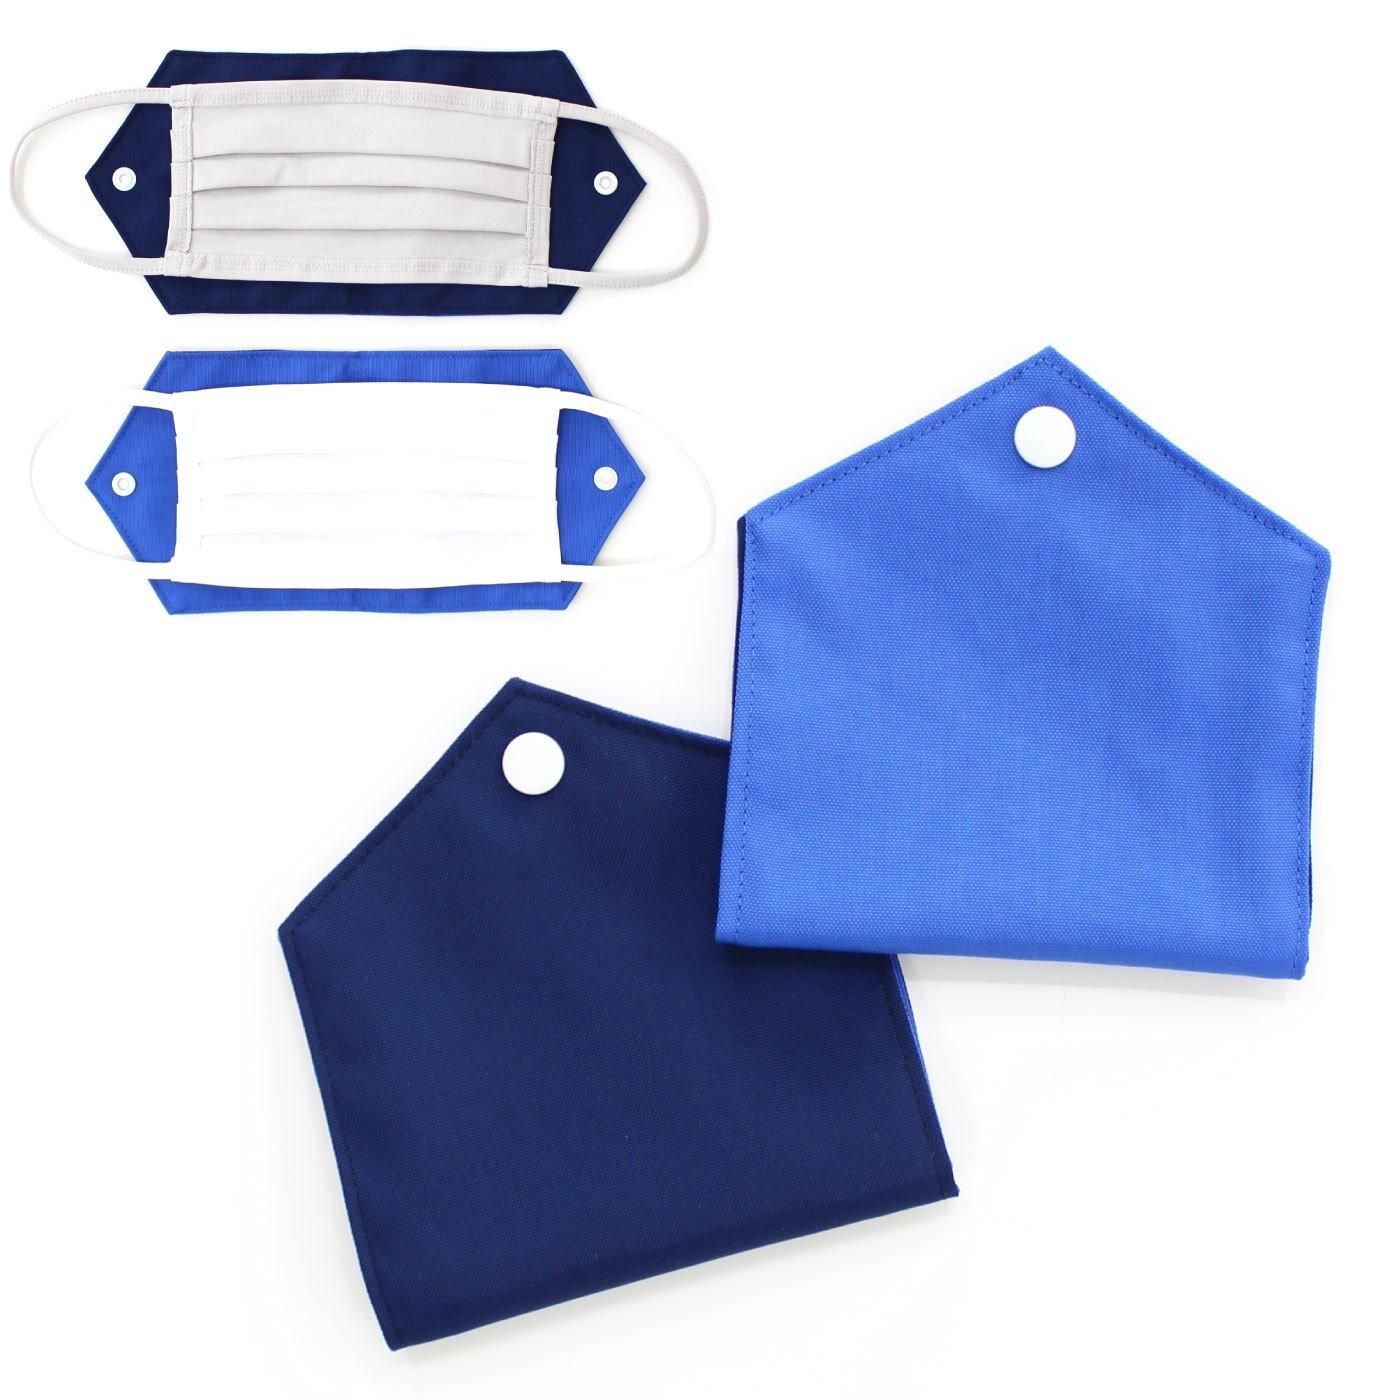 【WEB限定】IEDIT[イディット] デスクやカフェでちょっとした一時置きに便利な マスクをたたんで収納できるカラフルホルダー2個セット〈ネイビー・ブルー〉